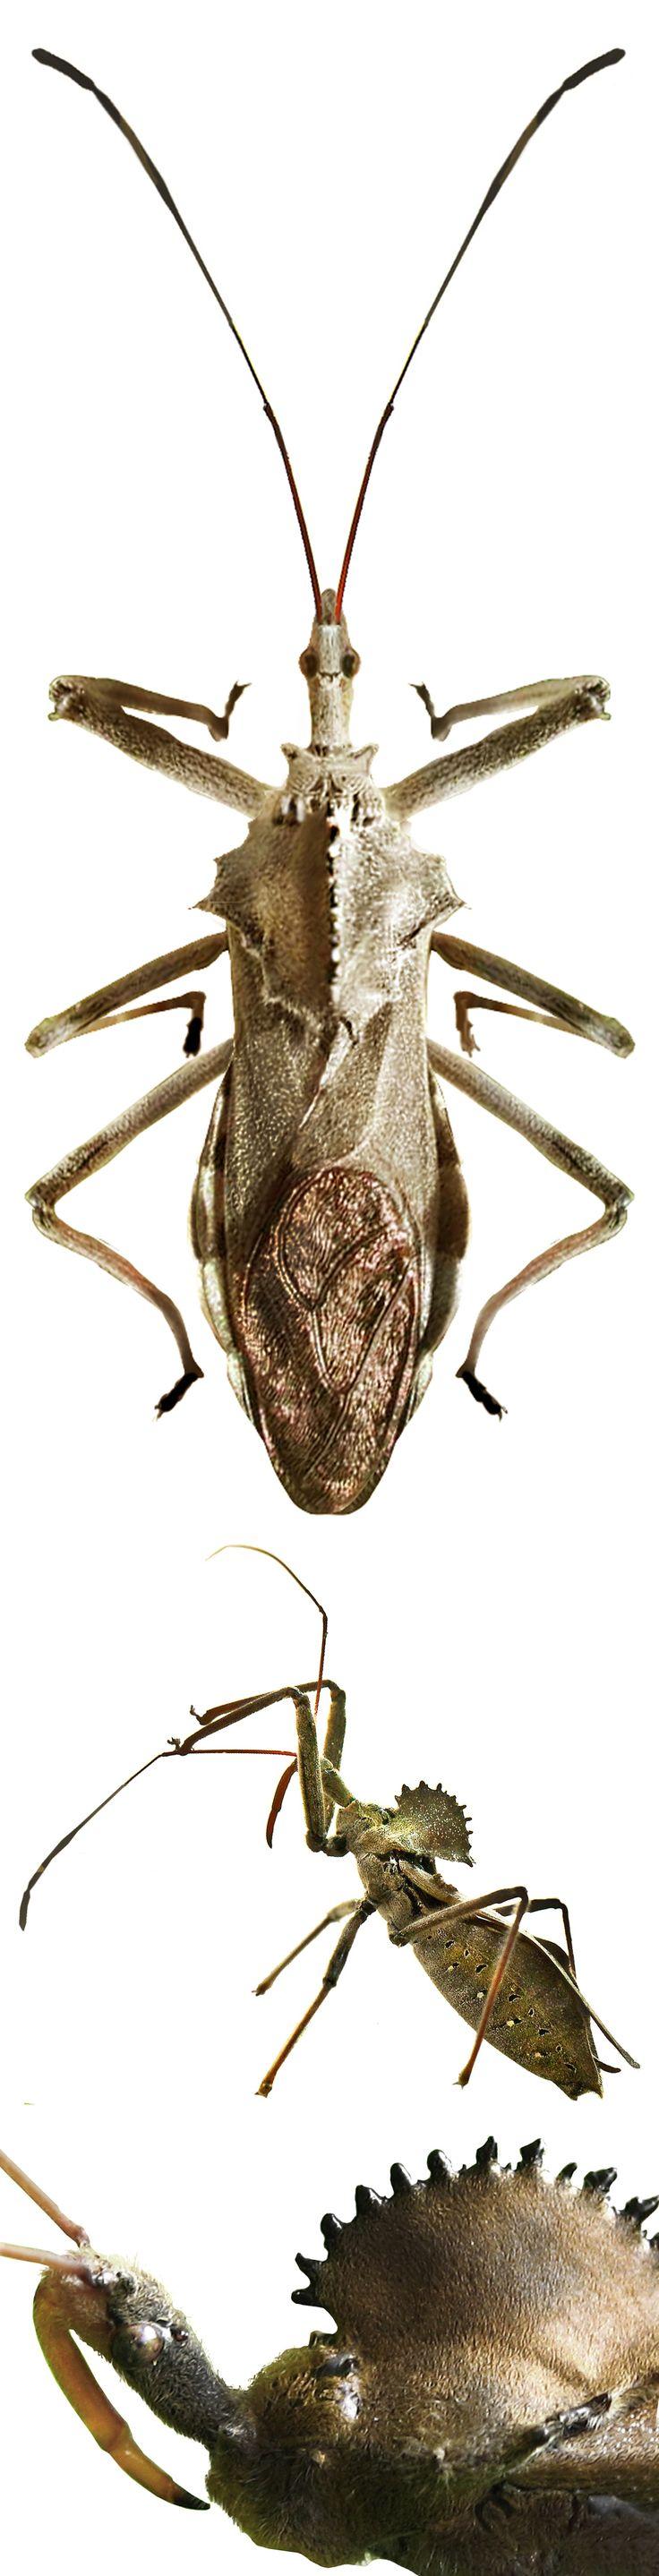 Arilus cristatus